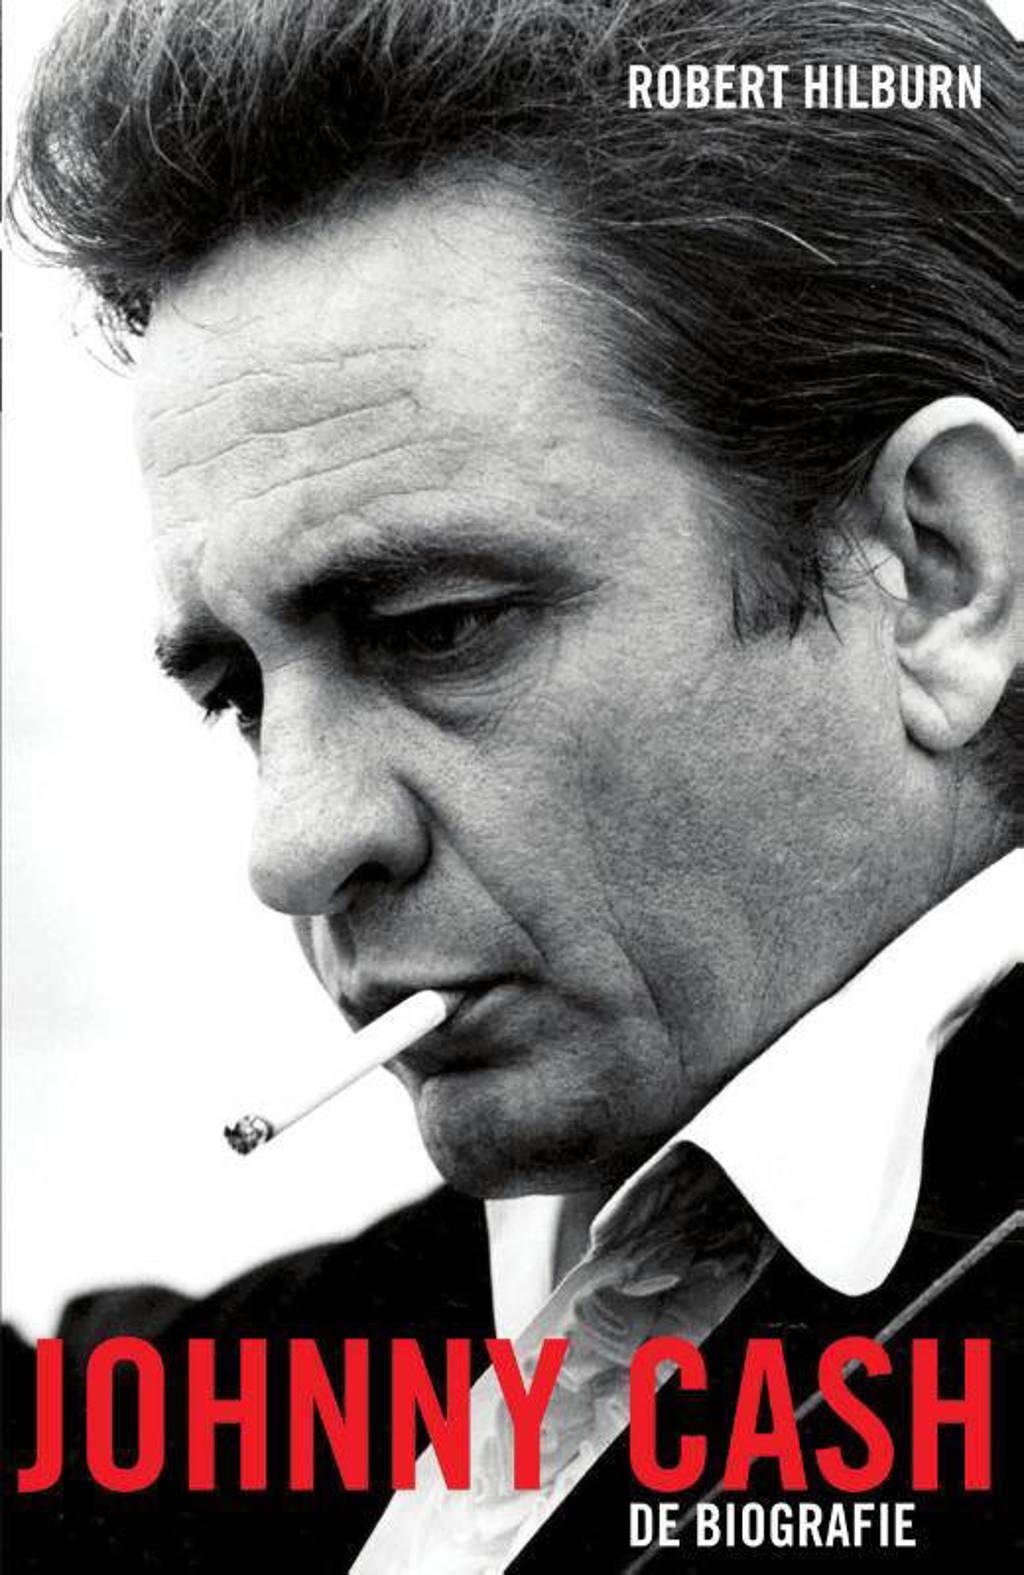 Johnny Cash - Robert Hilburn